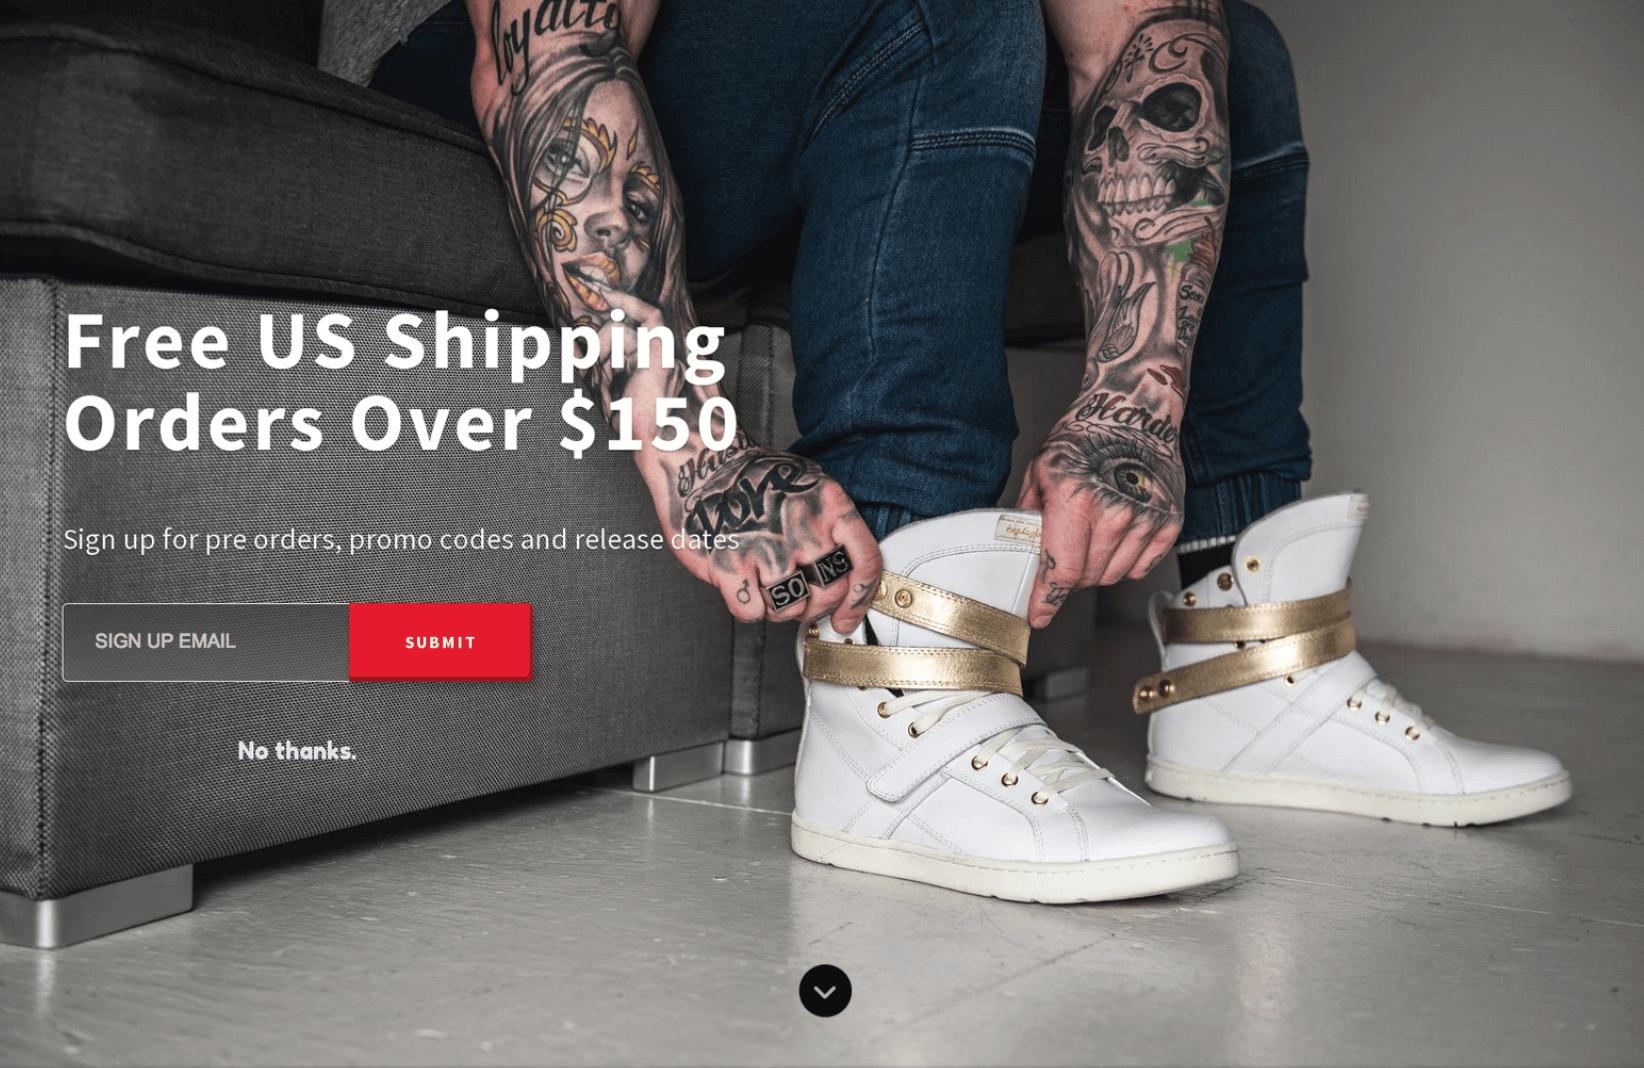 Screenshot showing a free shipping welcome mat